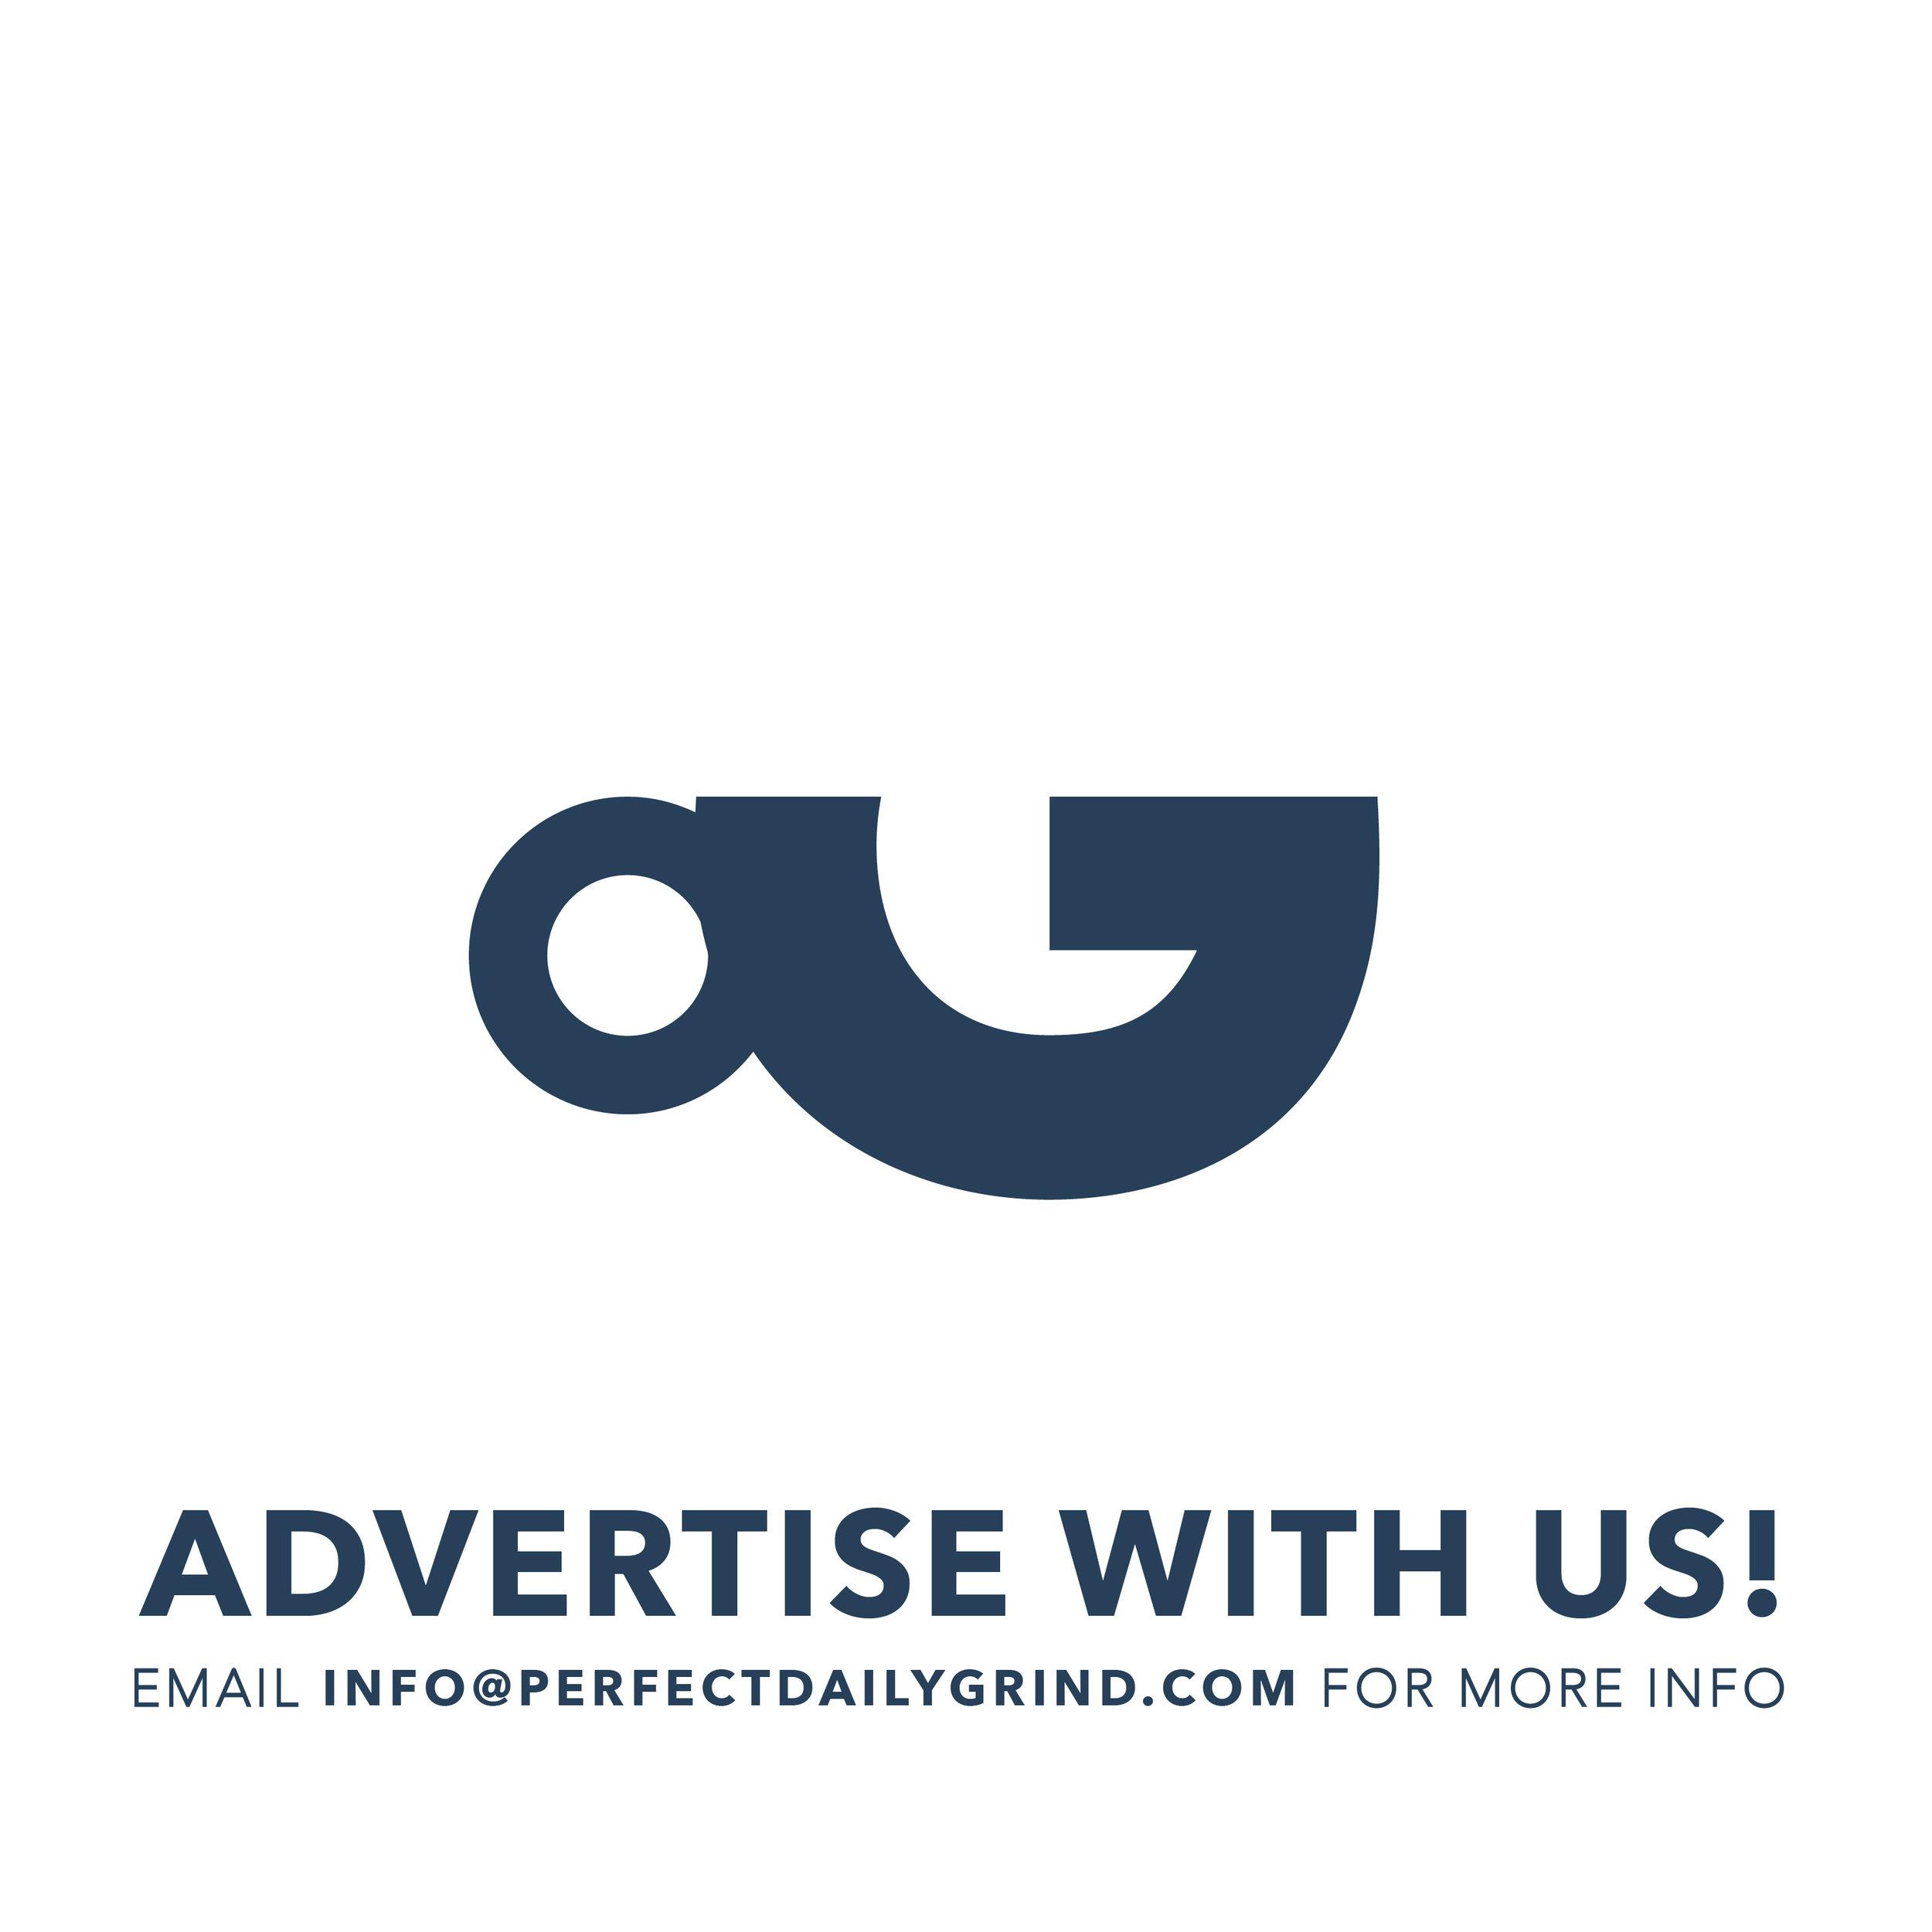 AdvertiseWithUs-3.jpg